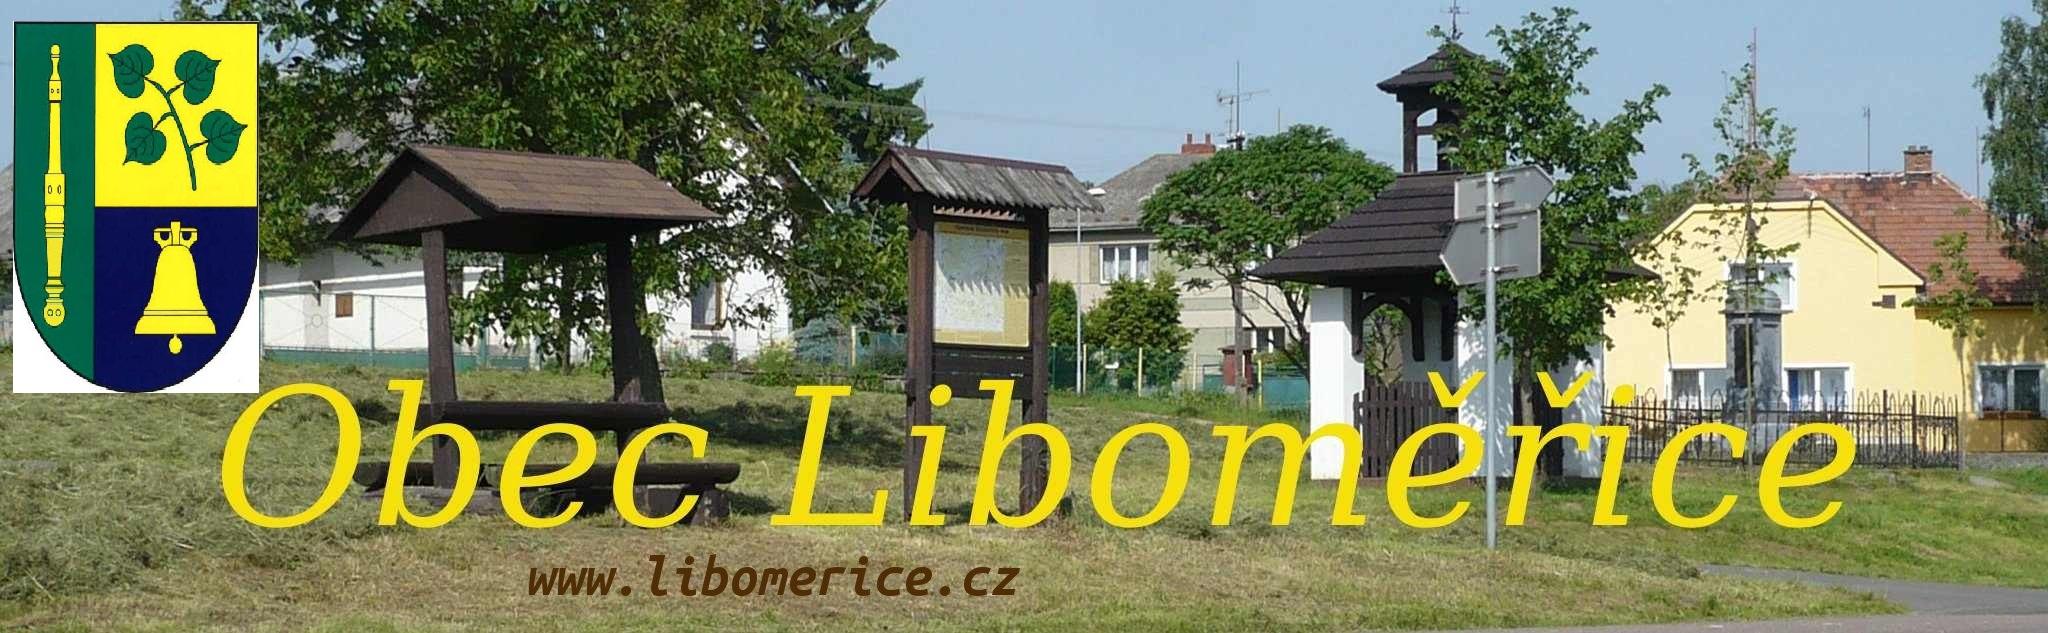 Obec Liboměřice www.libomerice.cz